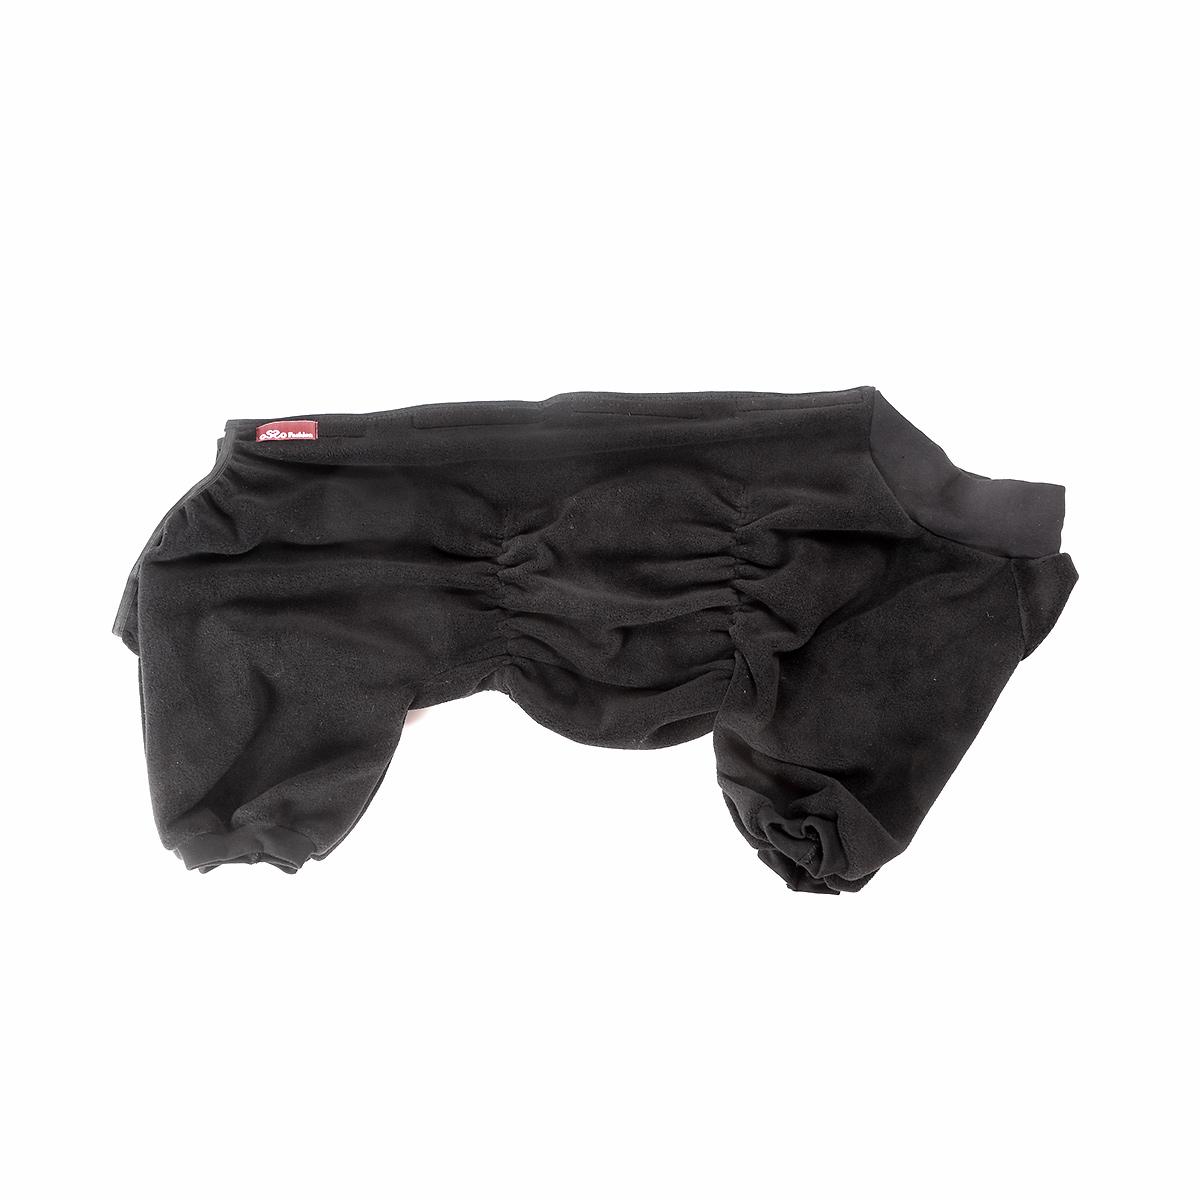 Комбинезон для собак  Osso Fashion , для мальчика, цвет: графит. Размер 37 - Одежда, обувь, украшения